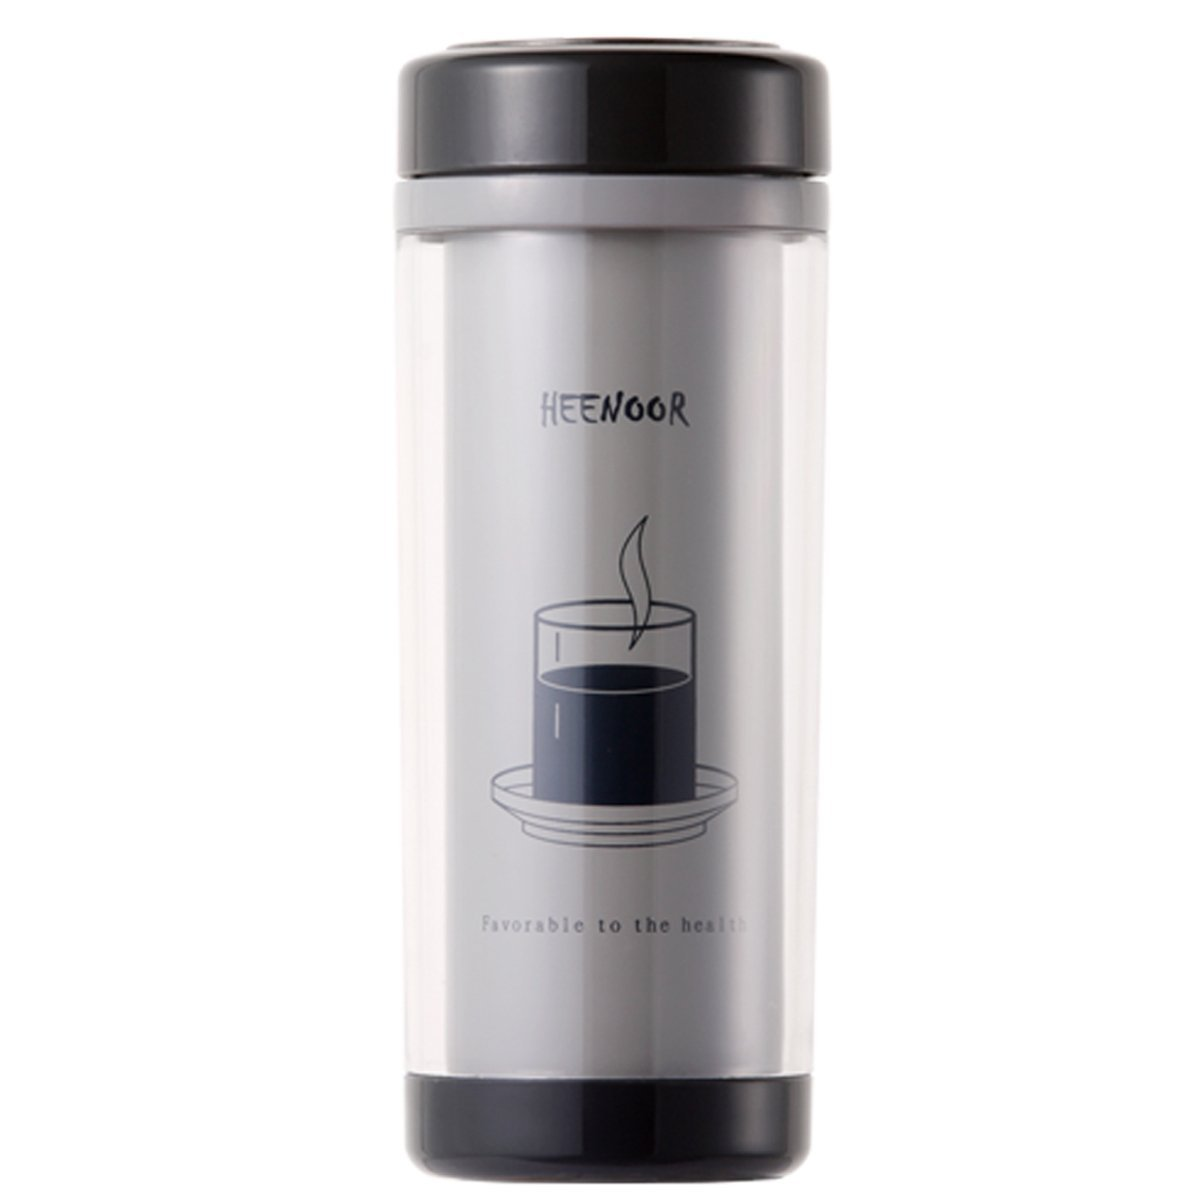 希诺水杯XN-8502成都批发团购